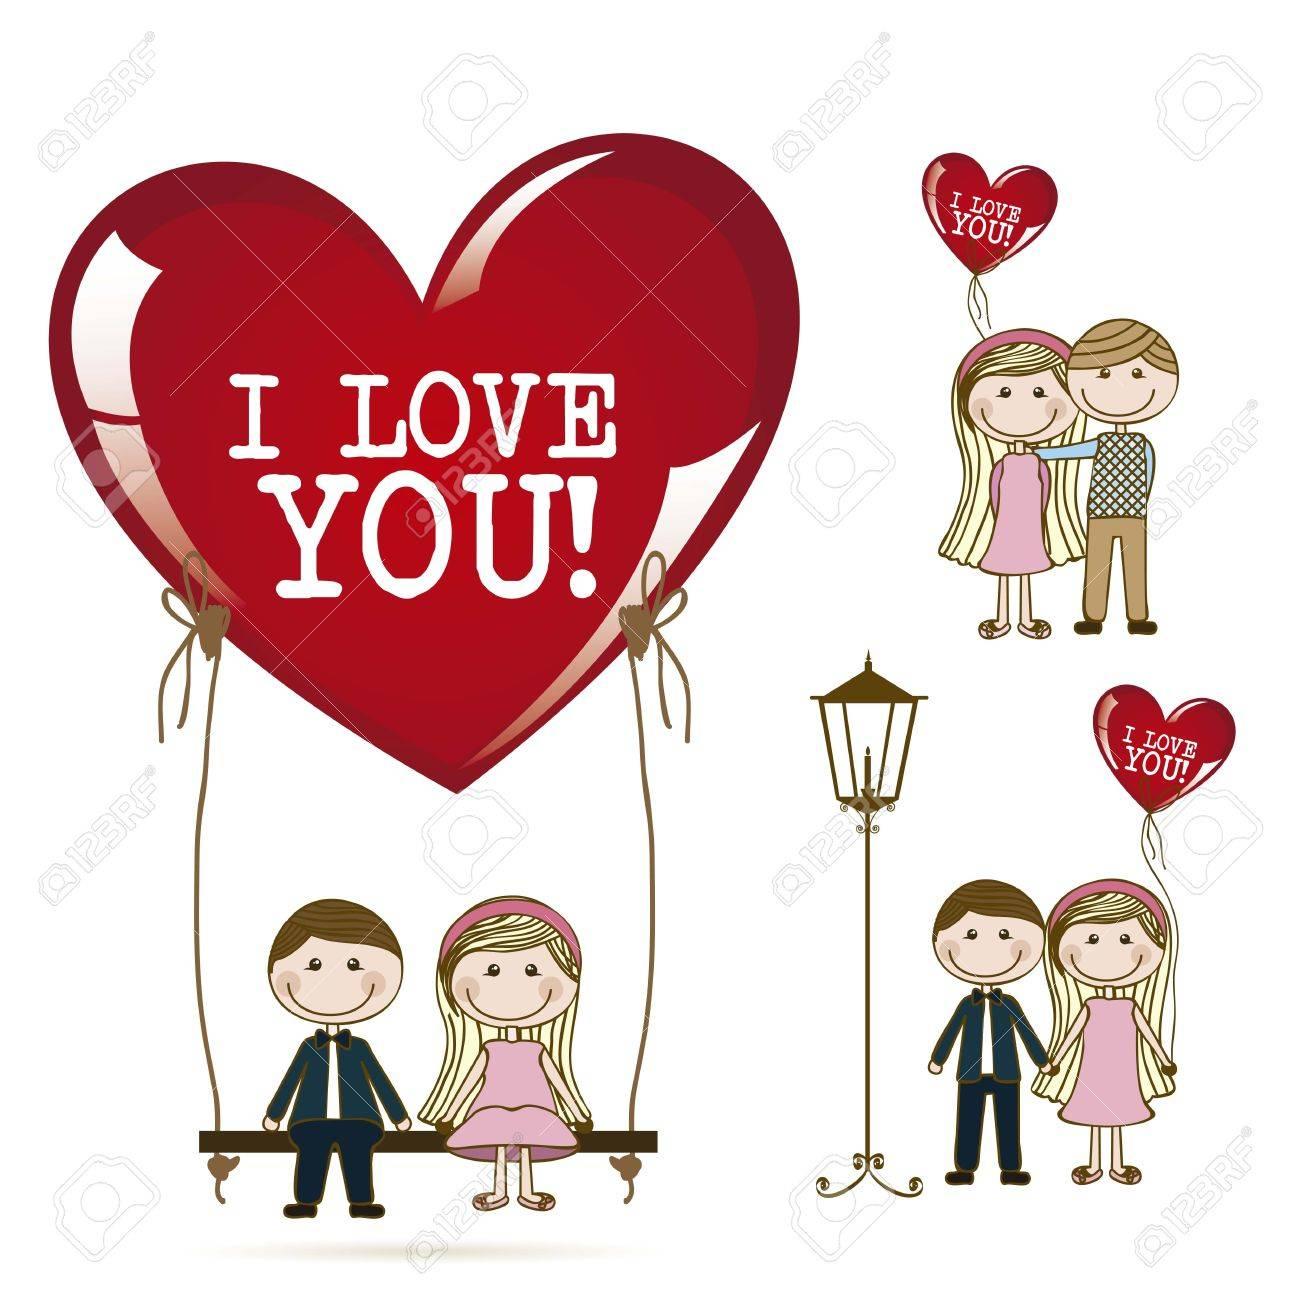 恋ではカップルのイラスト デートのイラスト素材ベクタ Image